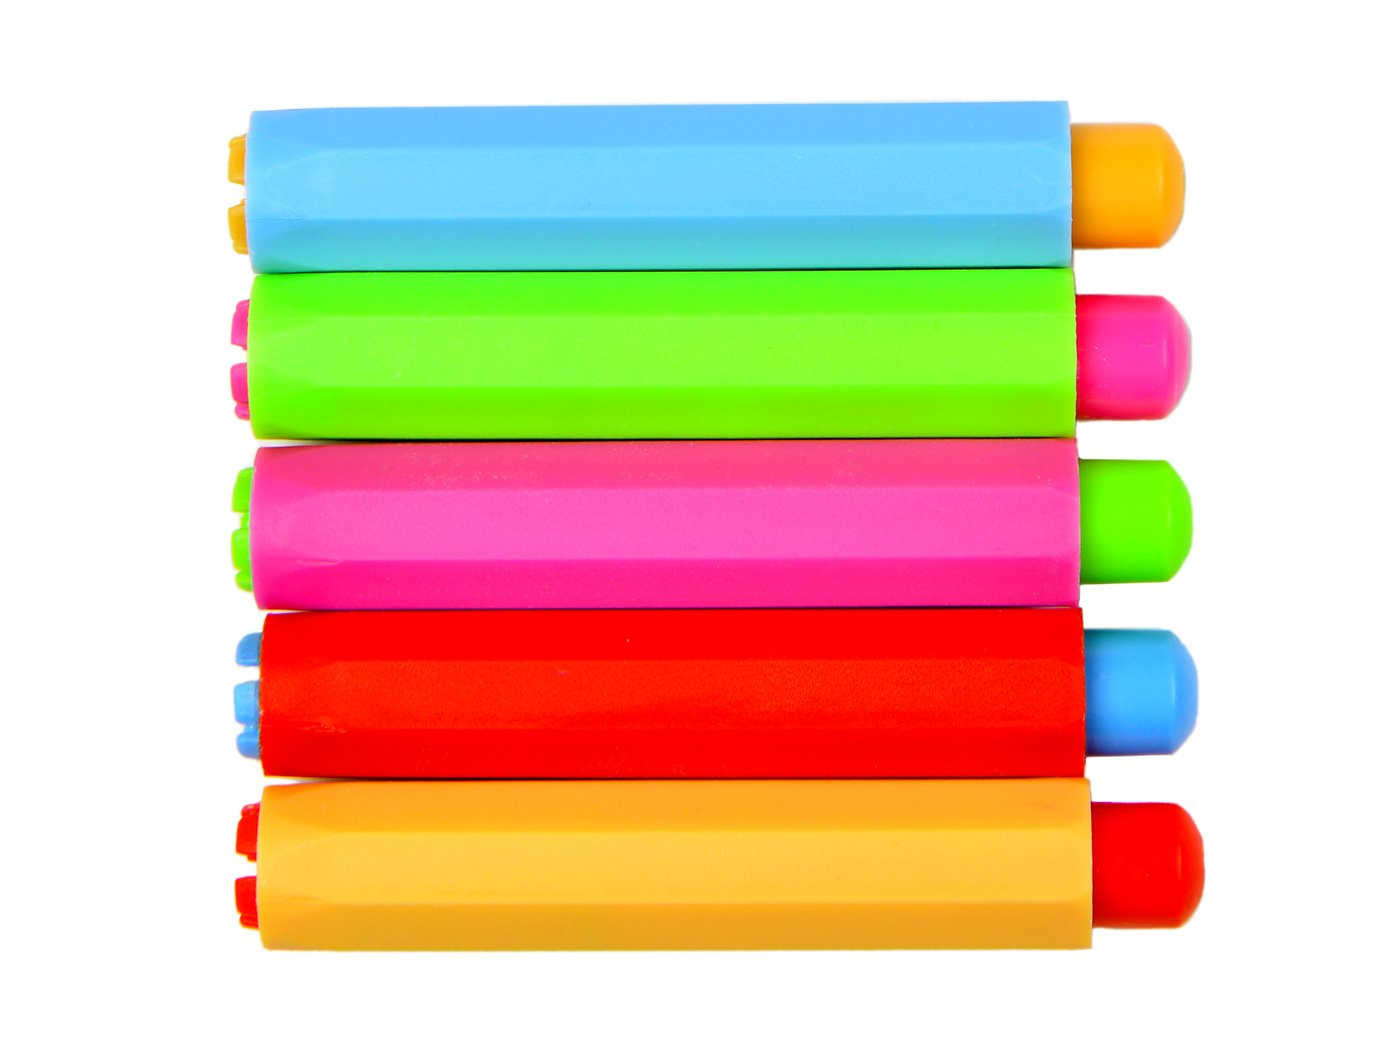 Lot de 5 réglable Craie Craie à clip pour les enseignants enfant école bureau Planche à dessin, 5 Couleur, 9,4 x 1,5 cm TADAE